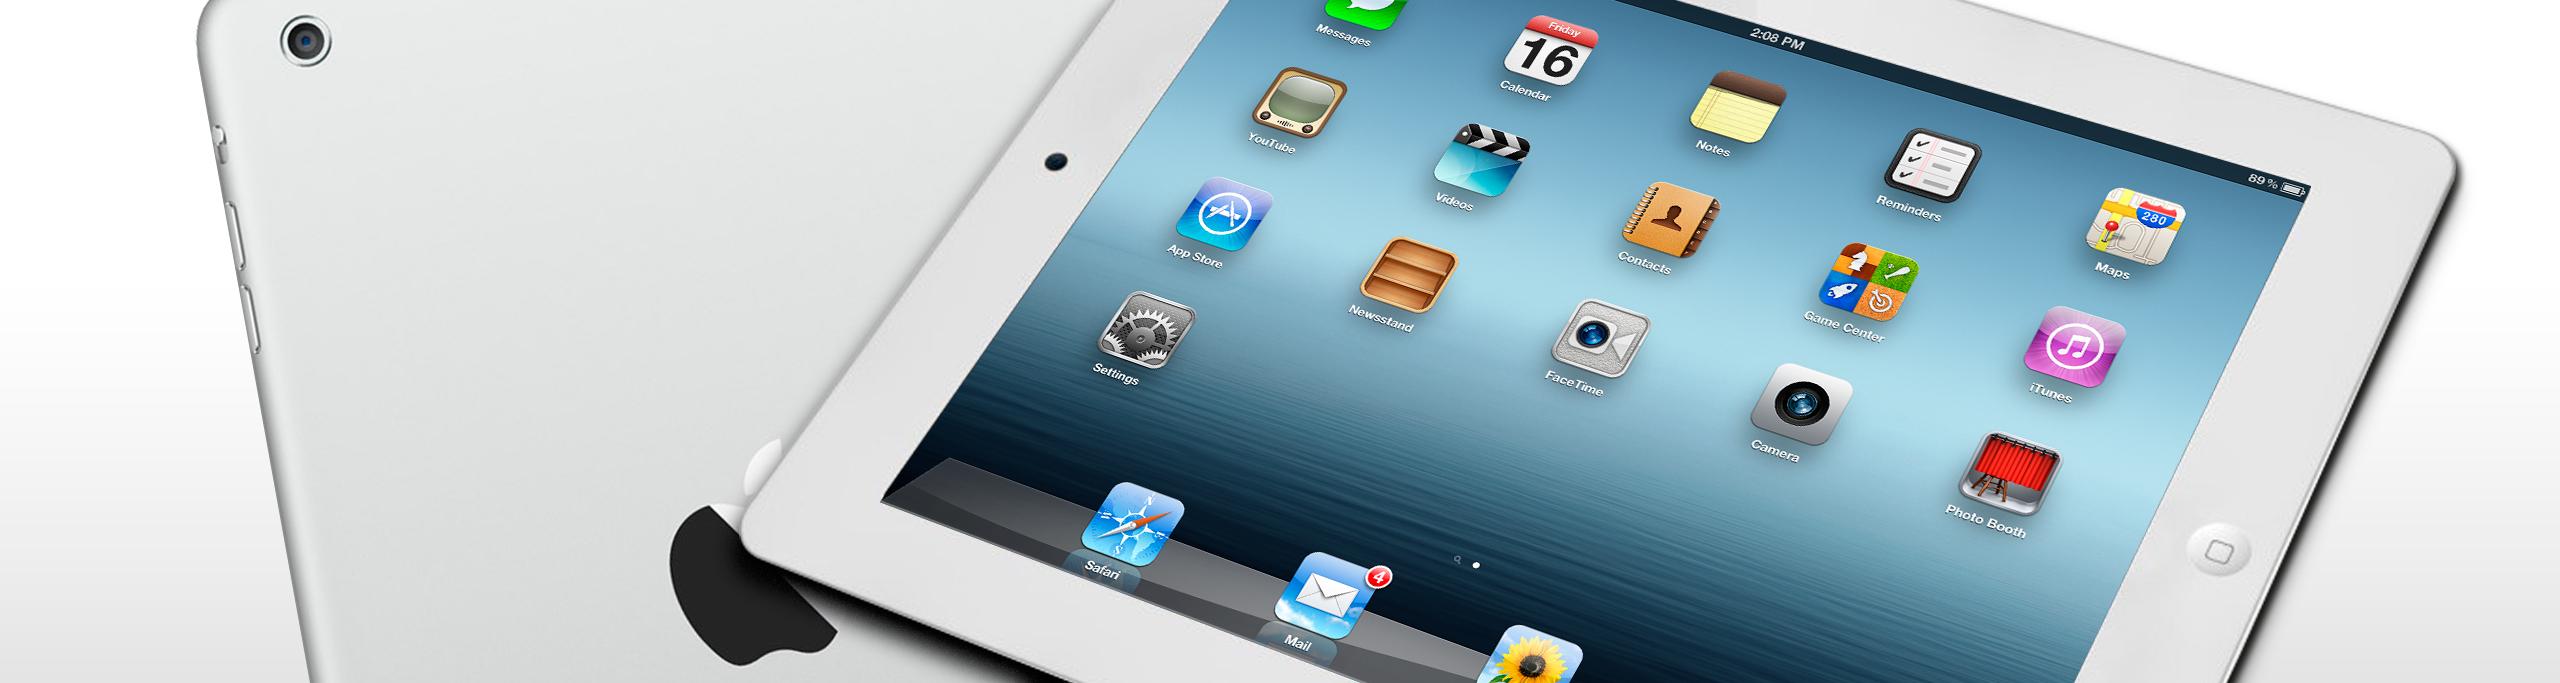 iPad 4 (A1458 / A1459 / A1460)